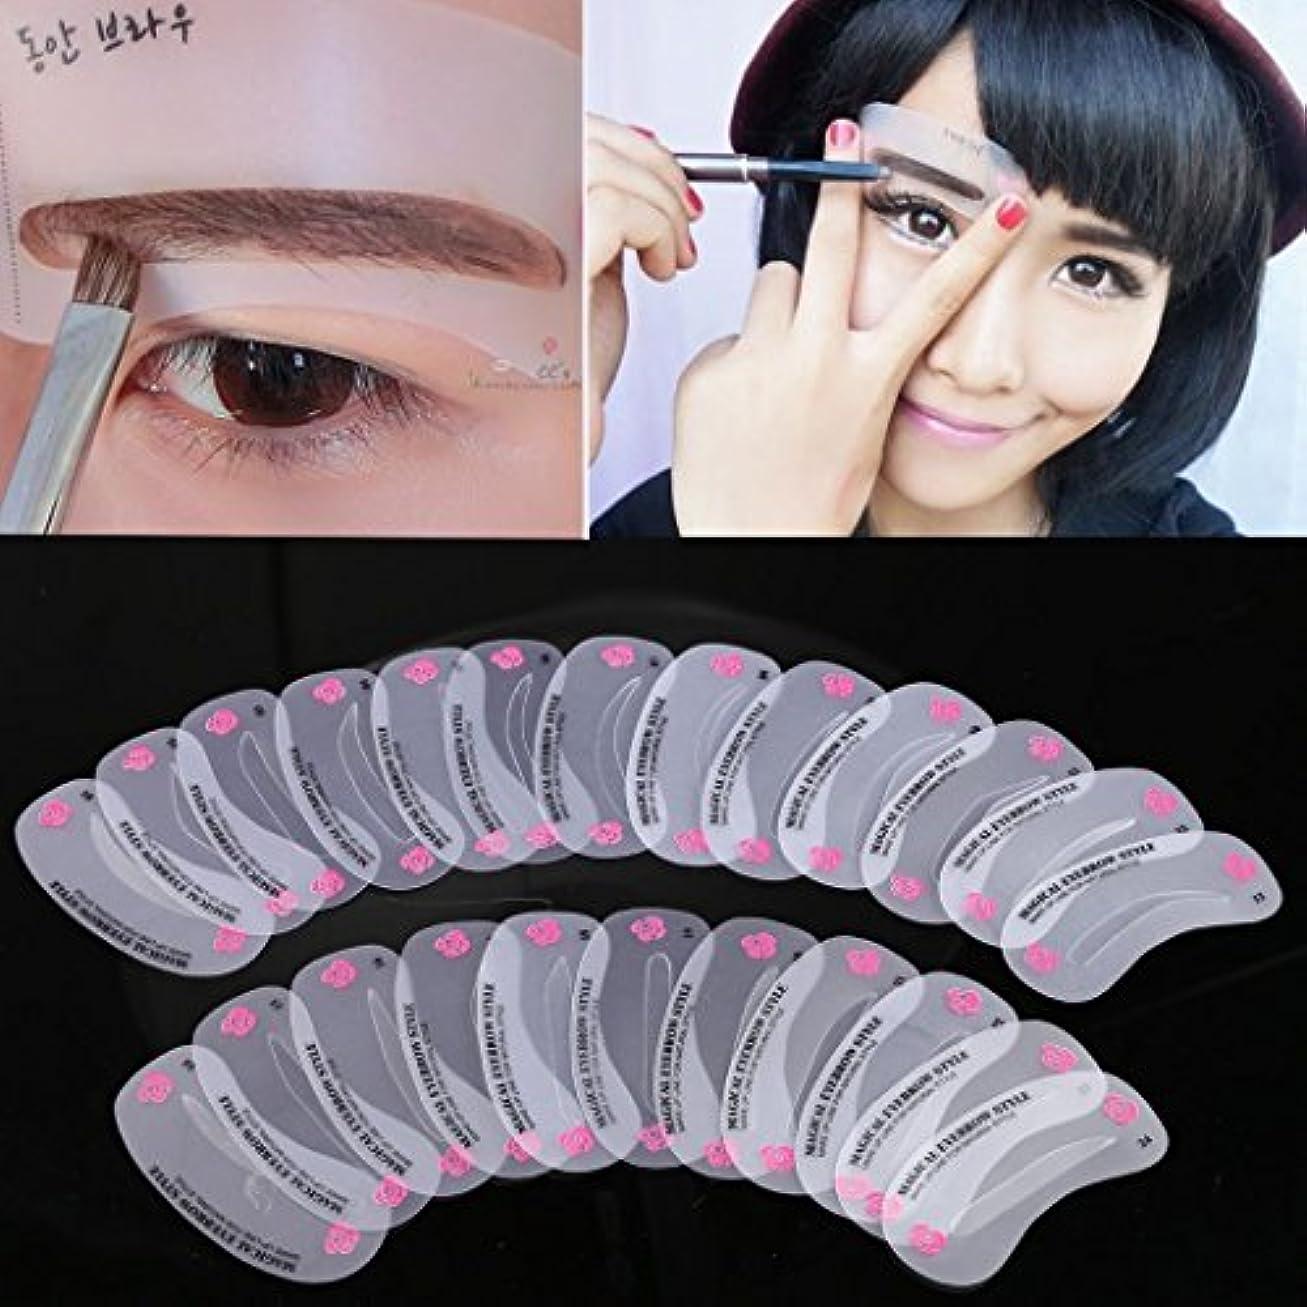 エジプトモーション爆発物24種類の眉毛のスタイルは、グルーミングステンシルを設定するメイクアップシェイプキット眉毛